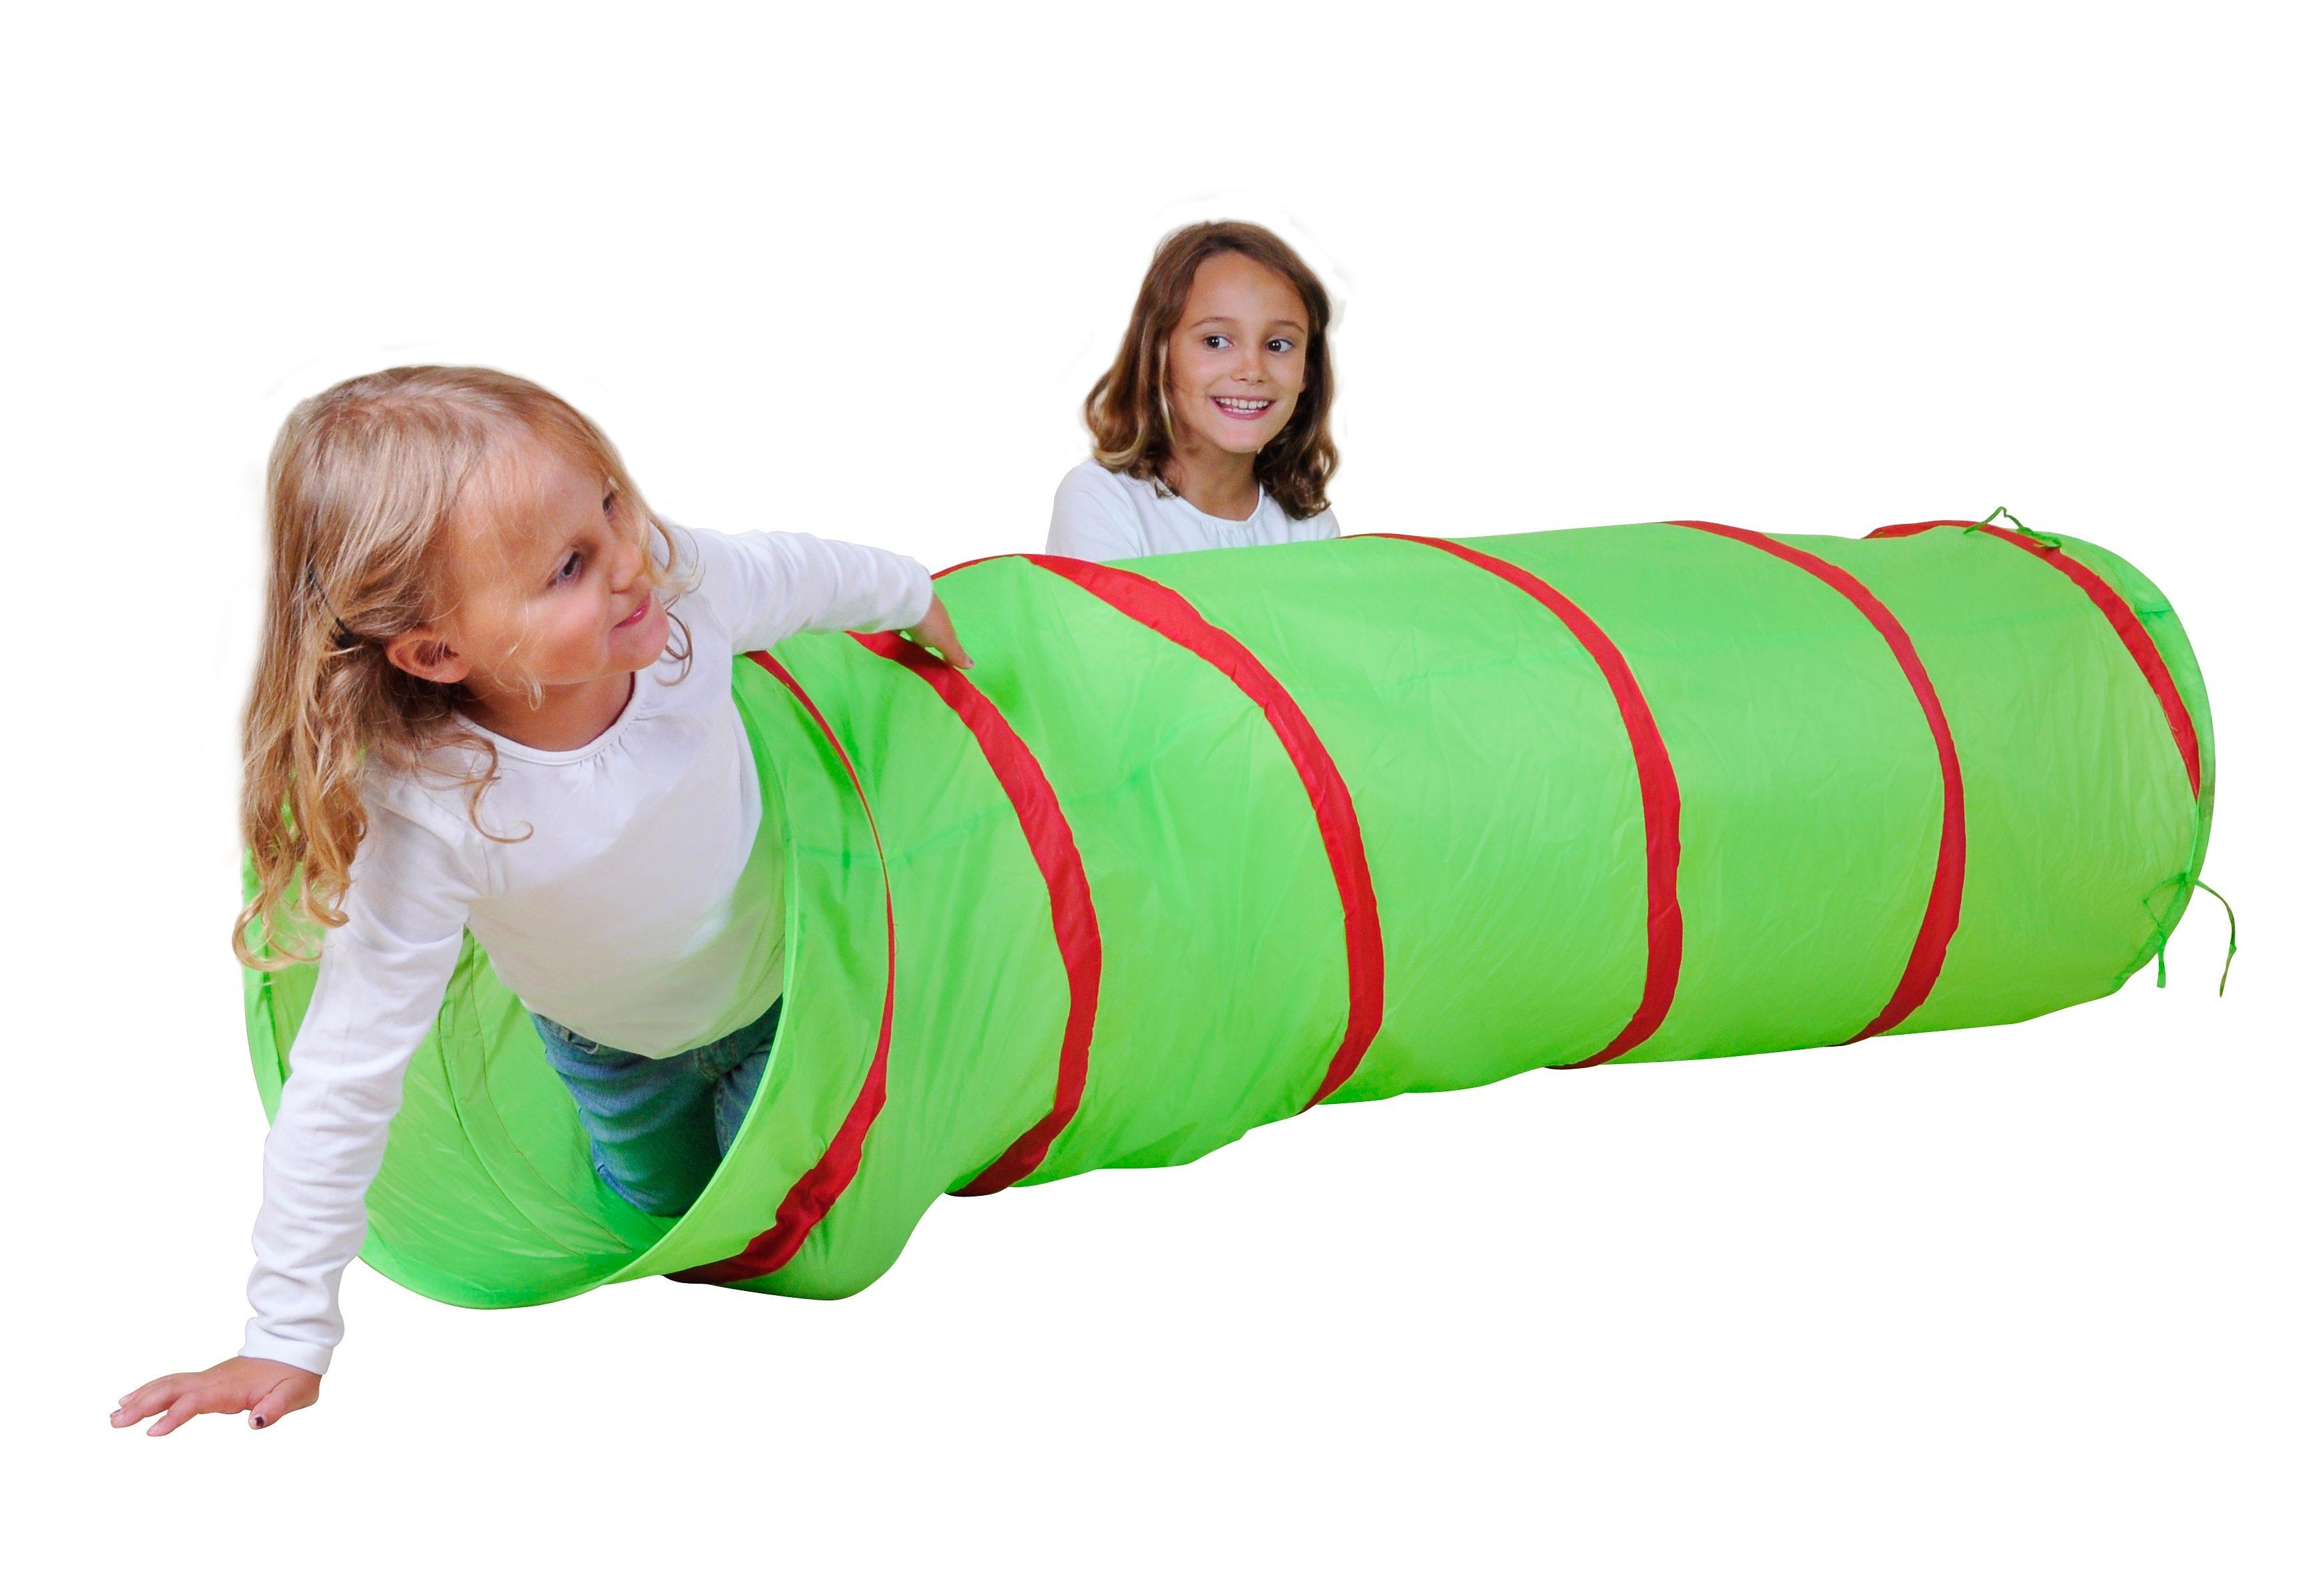 Krabbelröhre für Kinderzelt, »Zelttunnel«, knorr toys